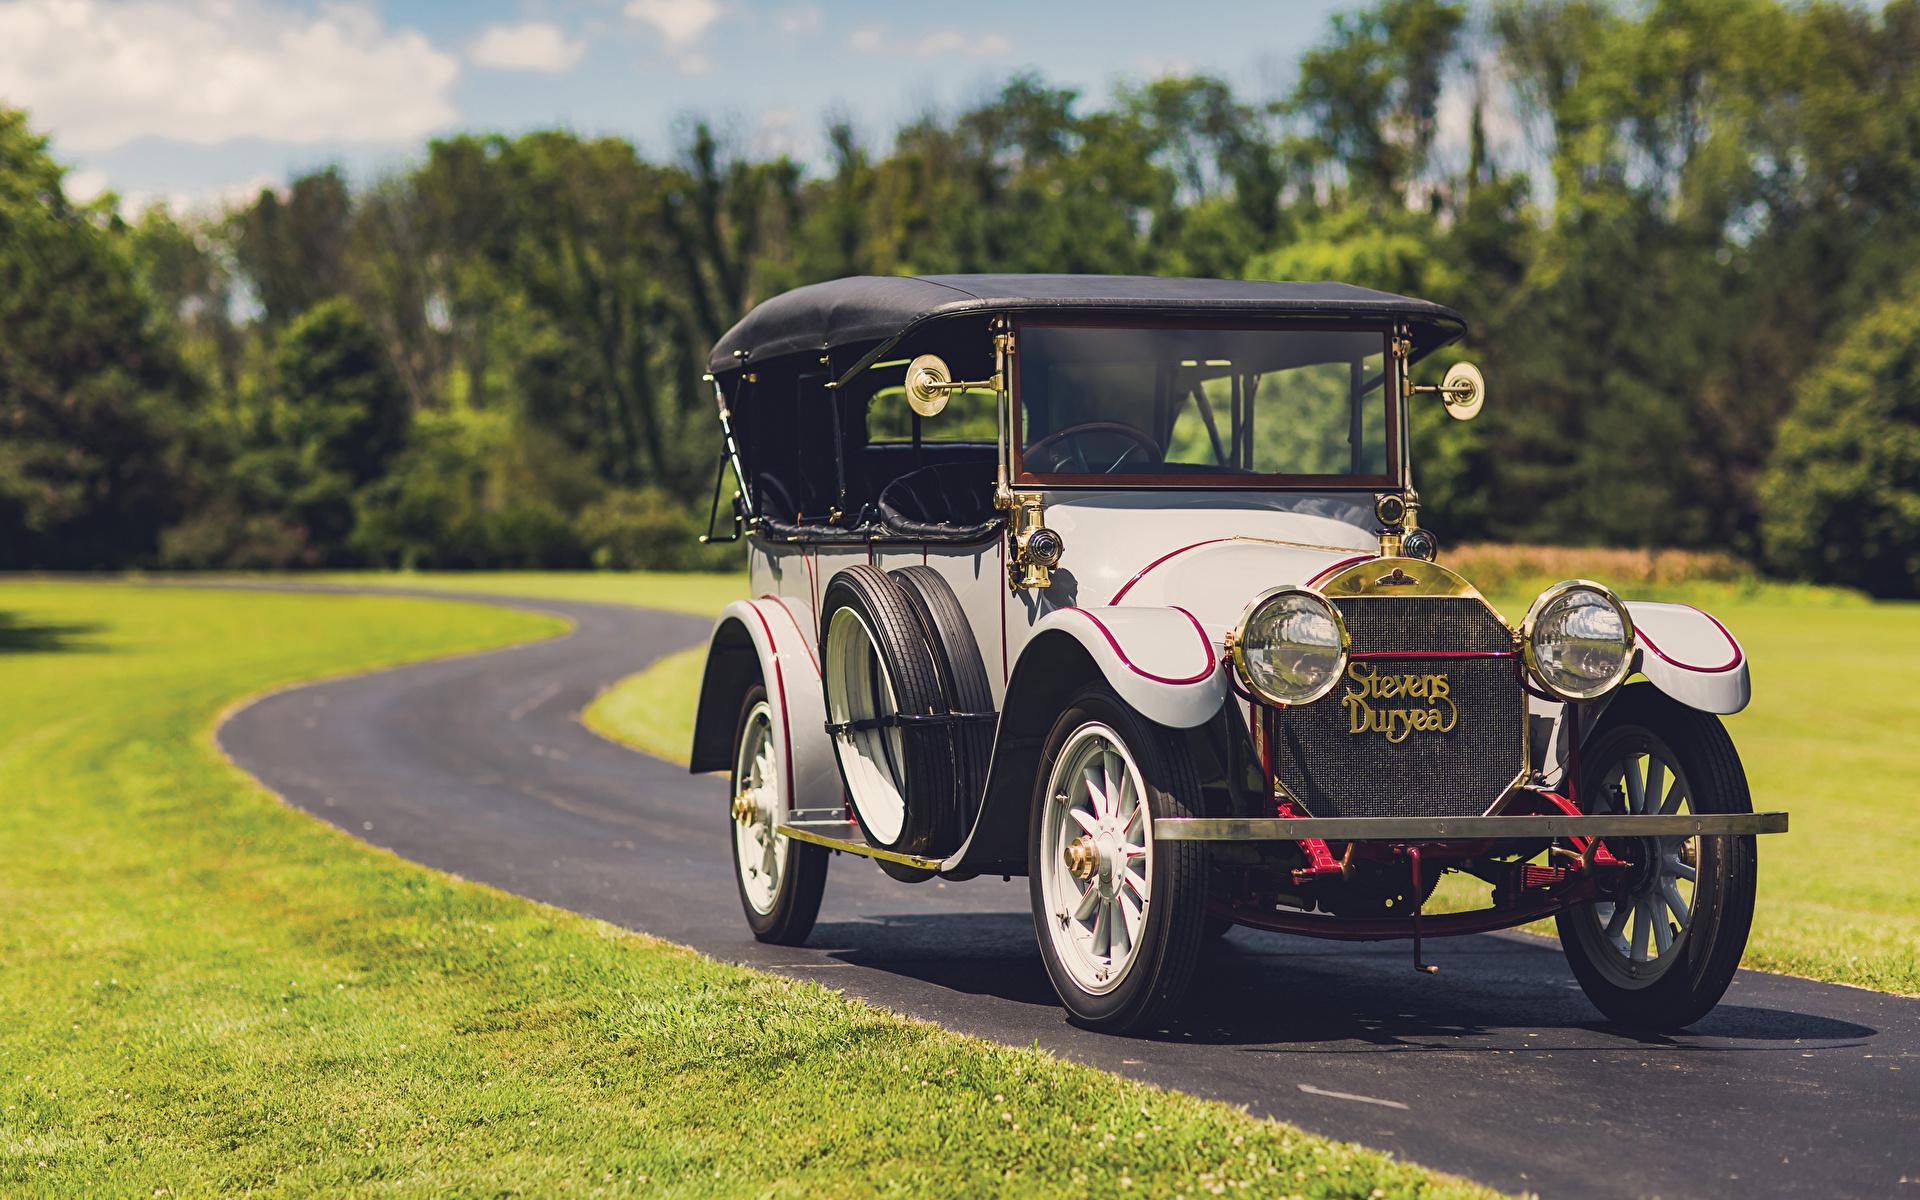 Desktop Wallpapers 1913 Stevens-Duryea Model C-Six 5-passenger Touring Retro automobile 1920x1200 vintage antique Cars auto